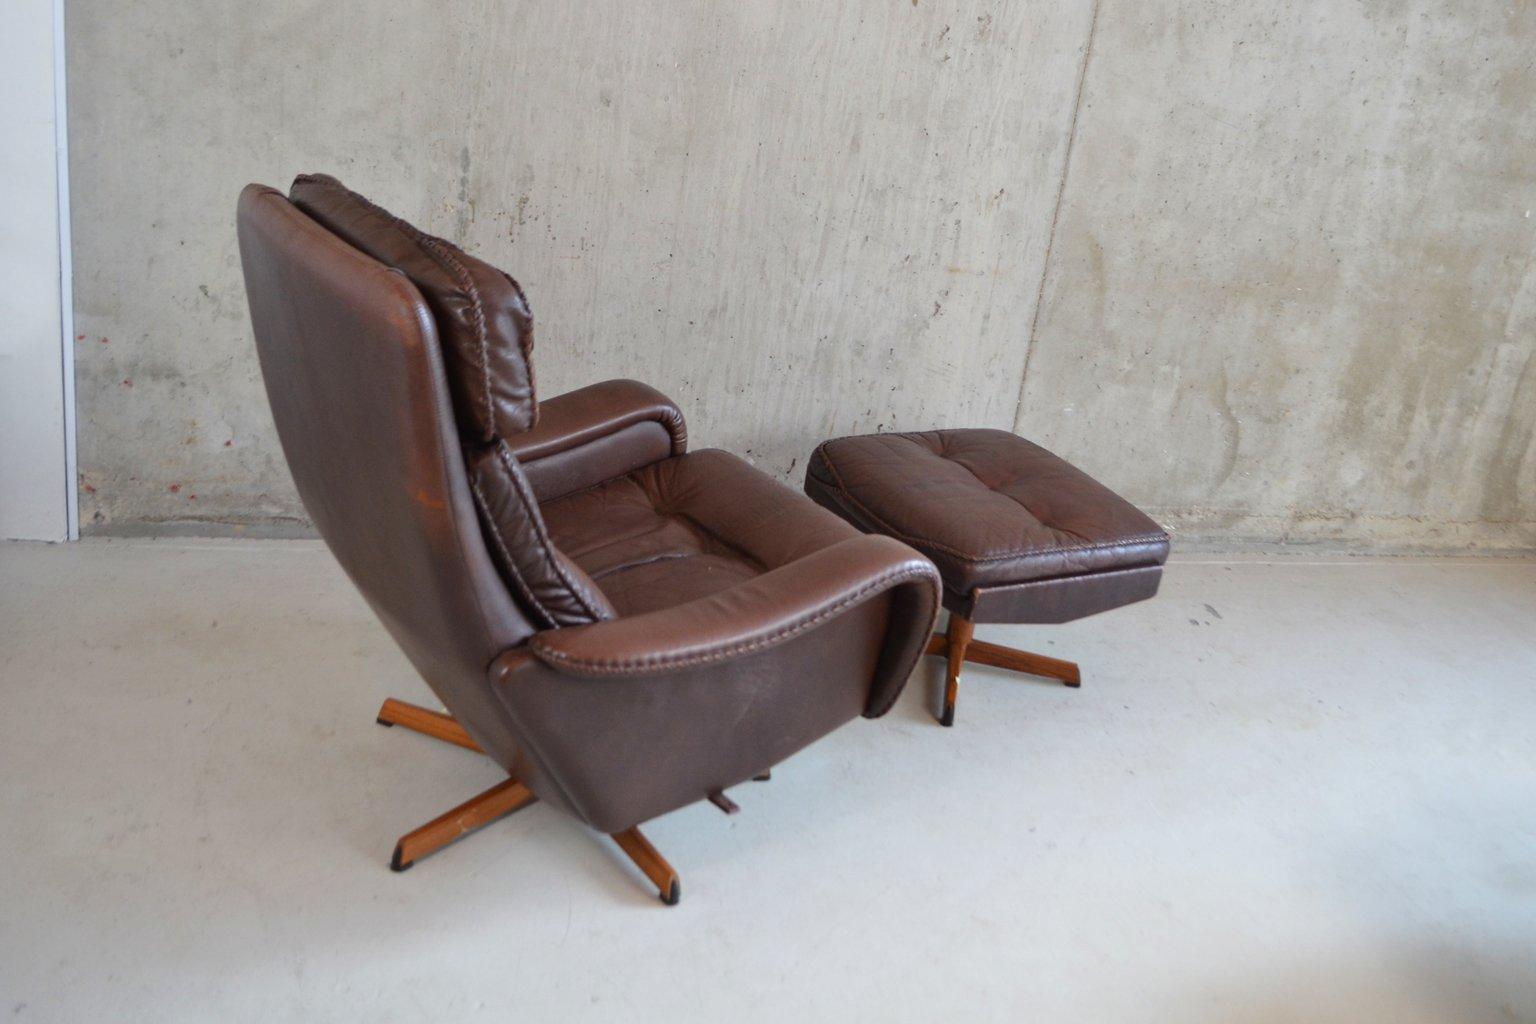 Fauteuil mid century et repose pied en cuir danemark 1970s en vente sur pamono - Fauteuil et repose pied ...